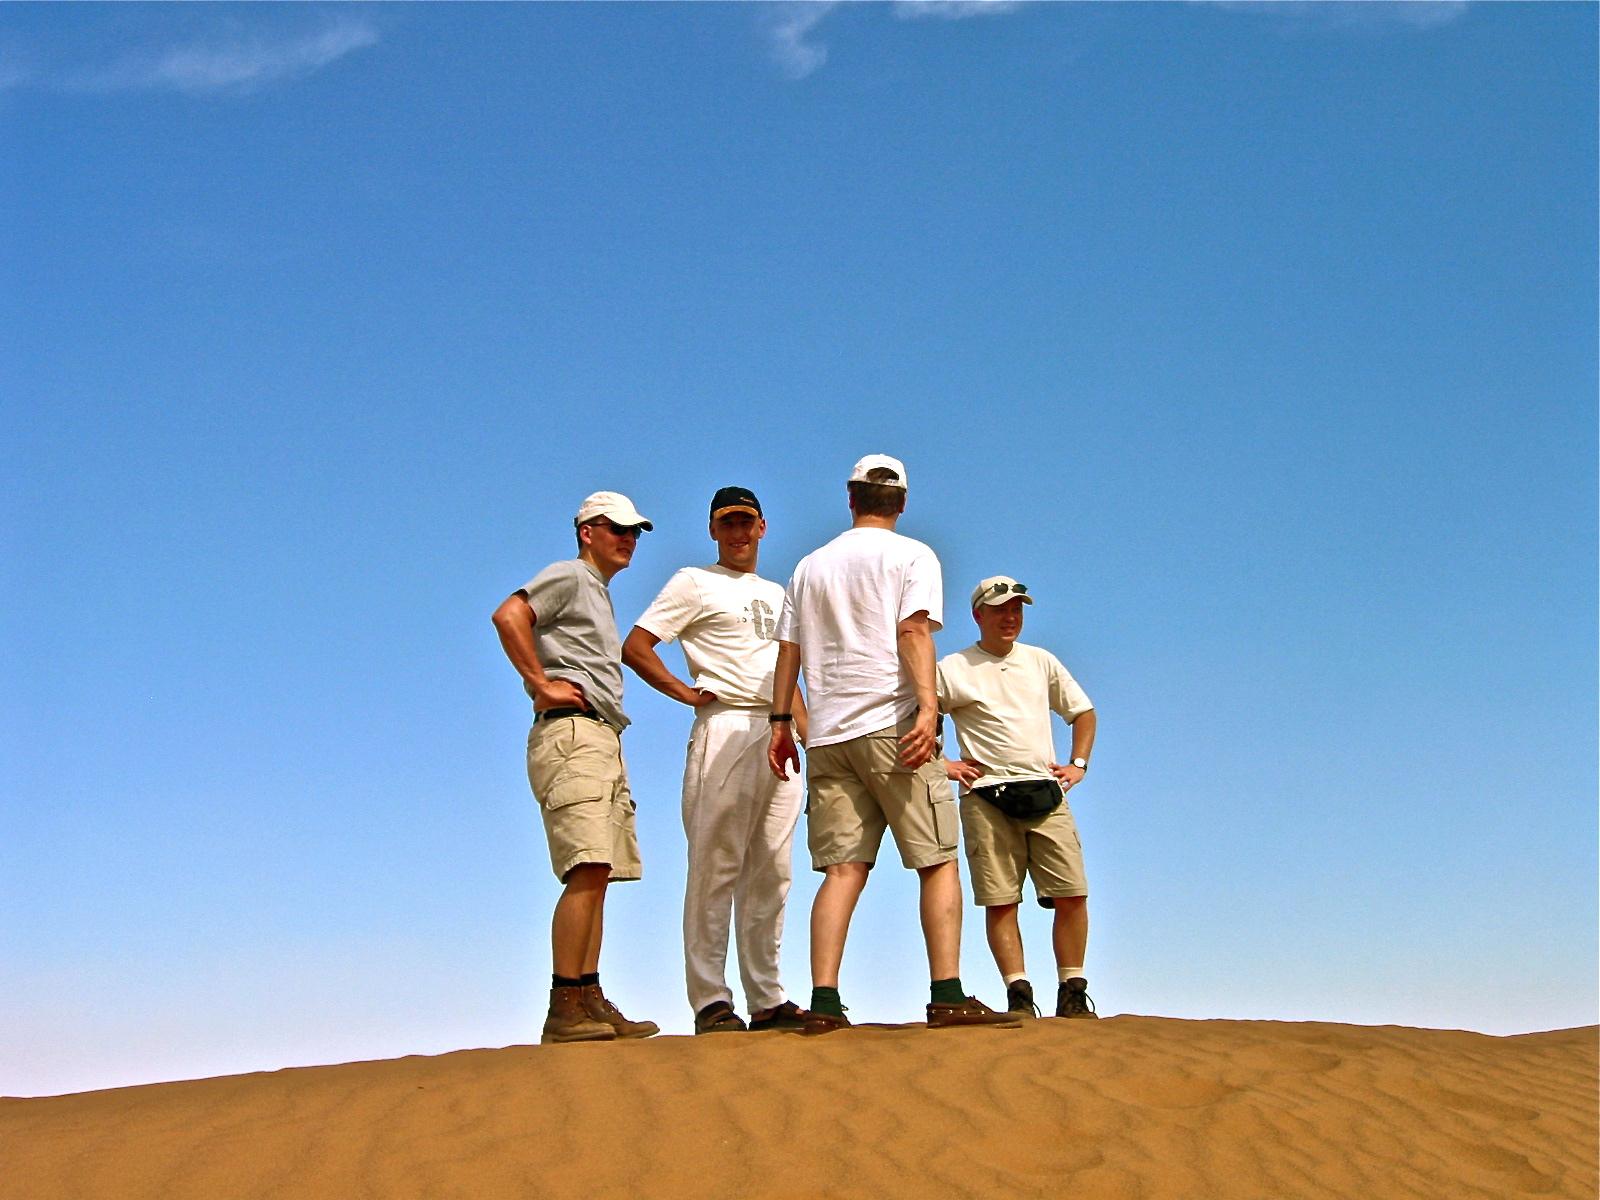 La legione straniera. Ouarzazate (Marocco), Maggio 2003